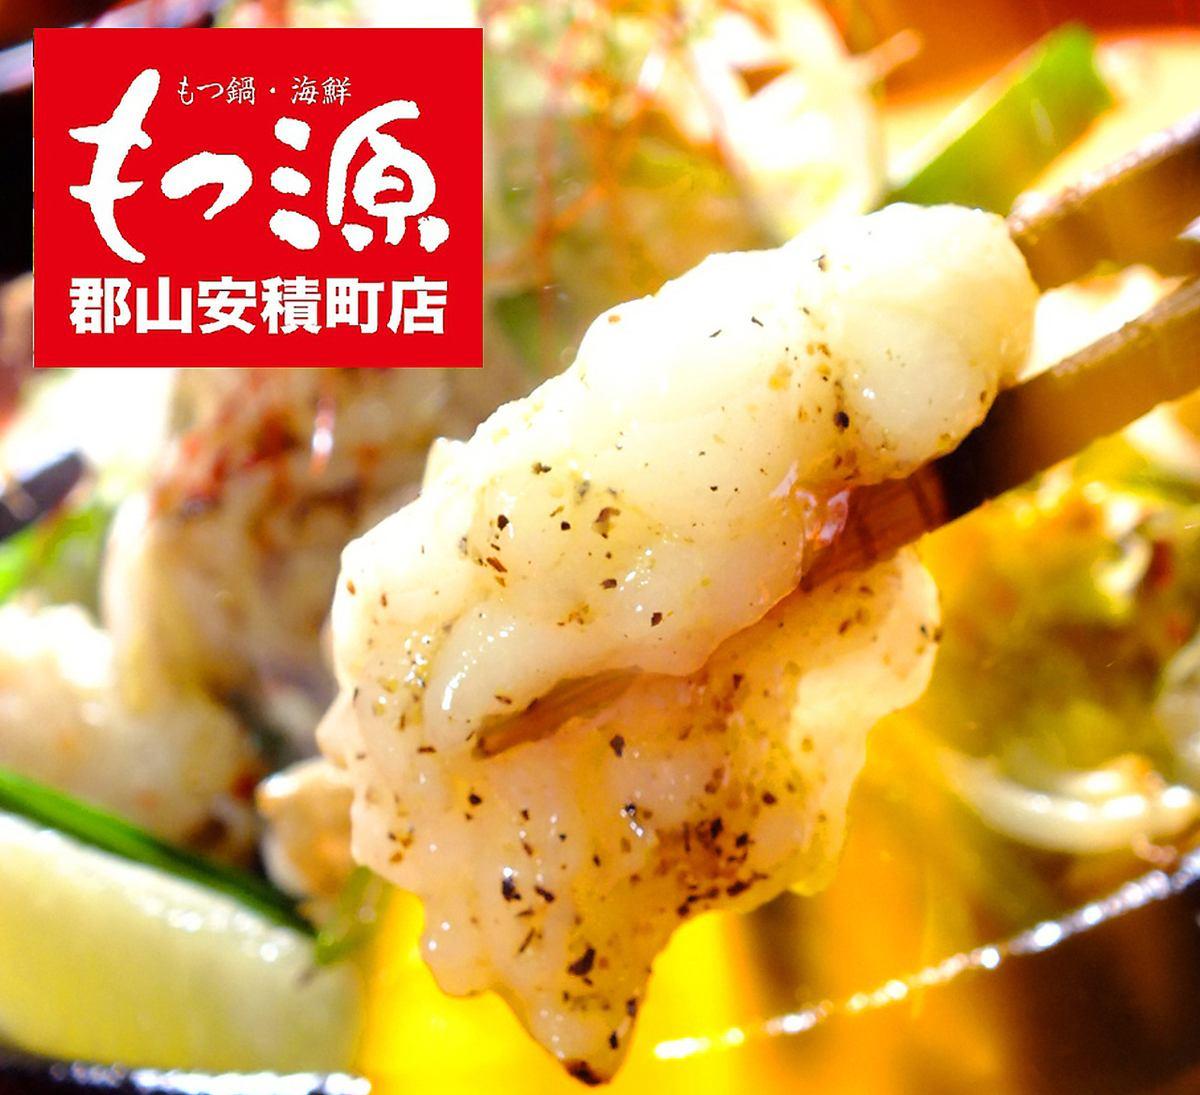 6/1 리뉴얼! 불고기 뷔페 120 분 2780 엔 ~! +1000 엔 곱창 전골도 마음껏 먹기!